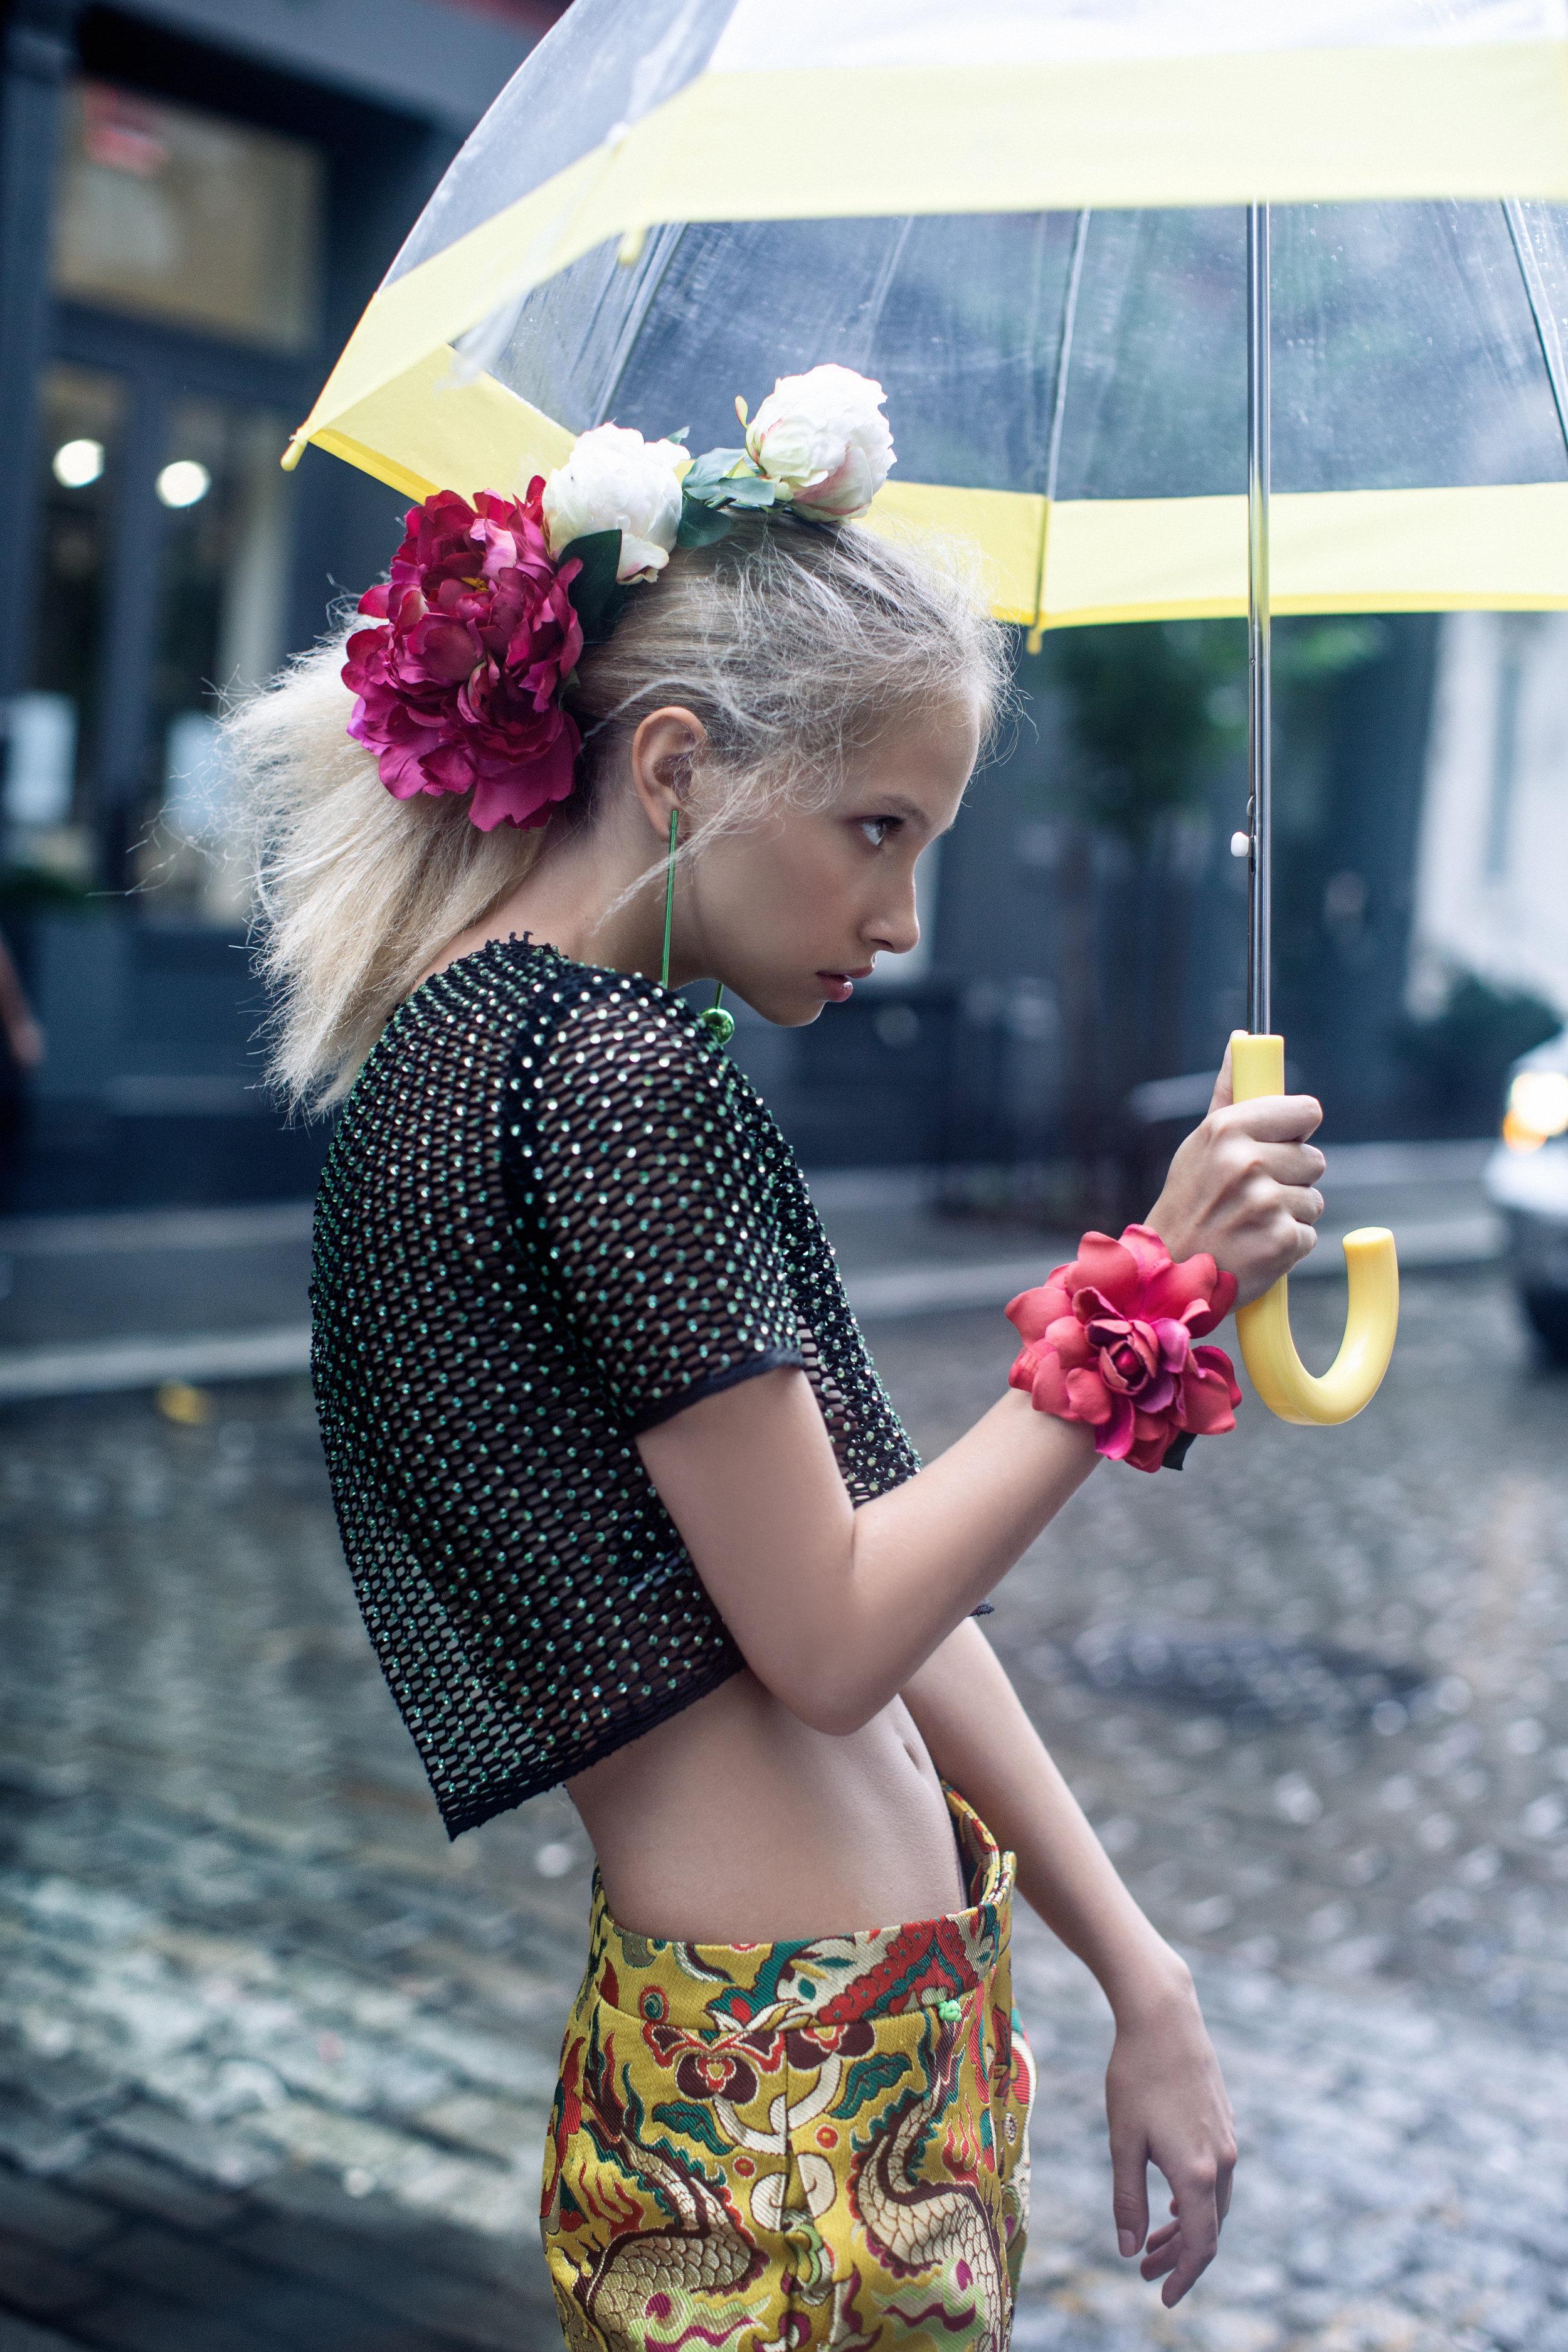 Top ALI HAIDER. Trousers THUY DESIGN HOUSE. Earrings SOLOMEINA JEWELRY. Flower bracelet AVEM. Shoes SUBIN HAHN.